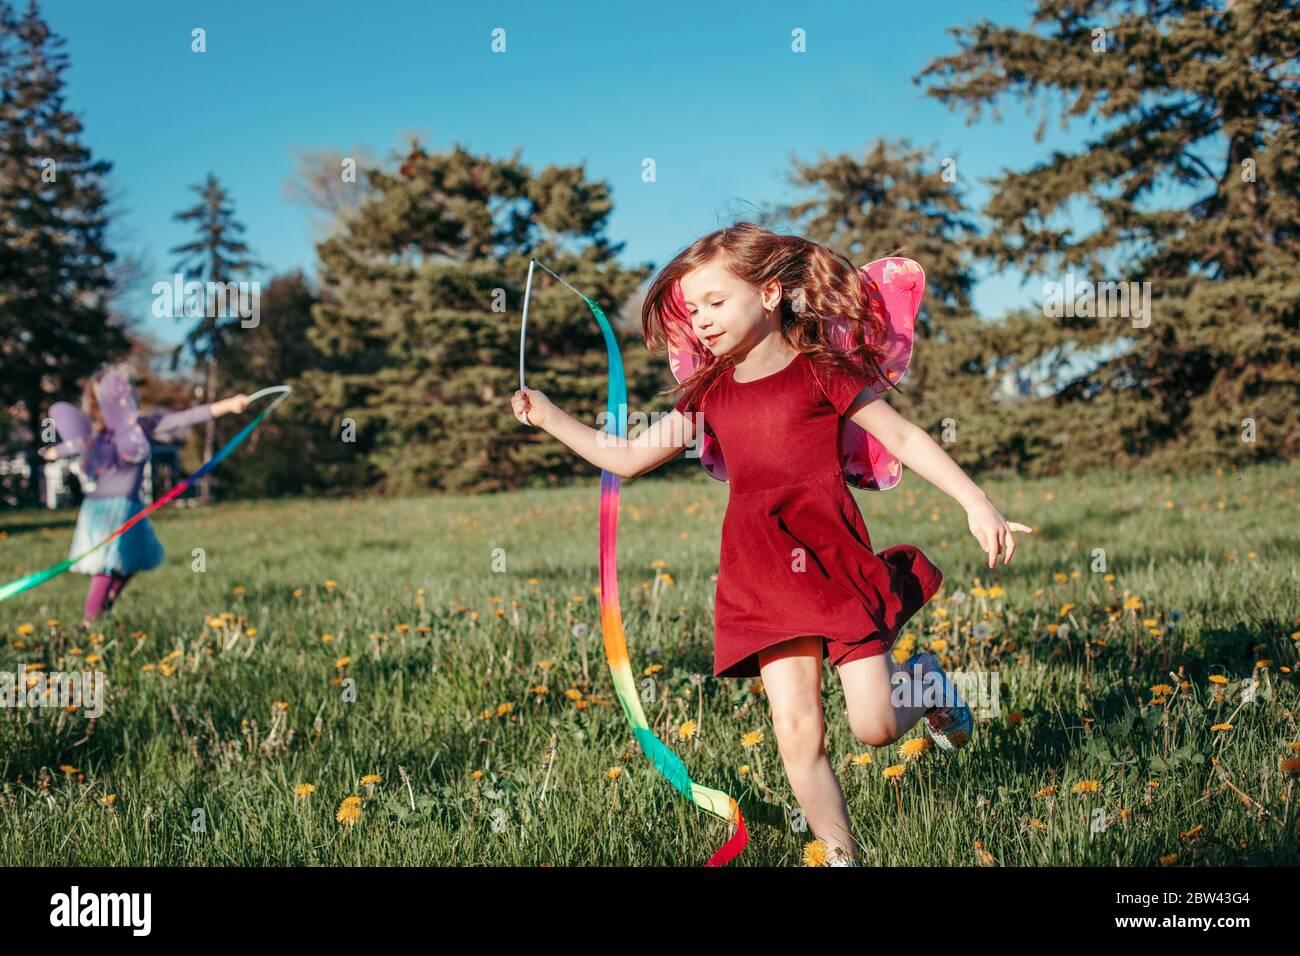 Glückliche Kinder Mädchen spielen mit Bändern im Park. Süße liebenswert Kinder laufen auf Wiese spielen zusammen. Outdoor Sommer Hinterhof Aktivität für Kinder. H Stockfoto